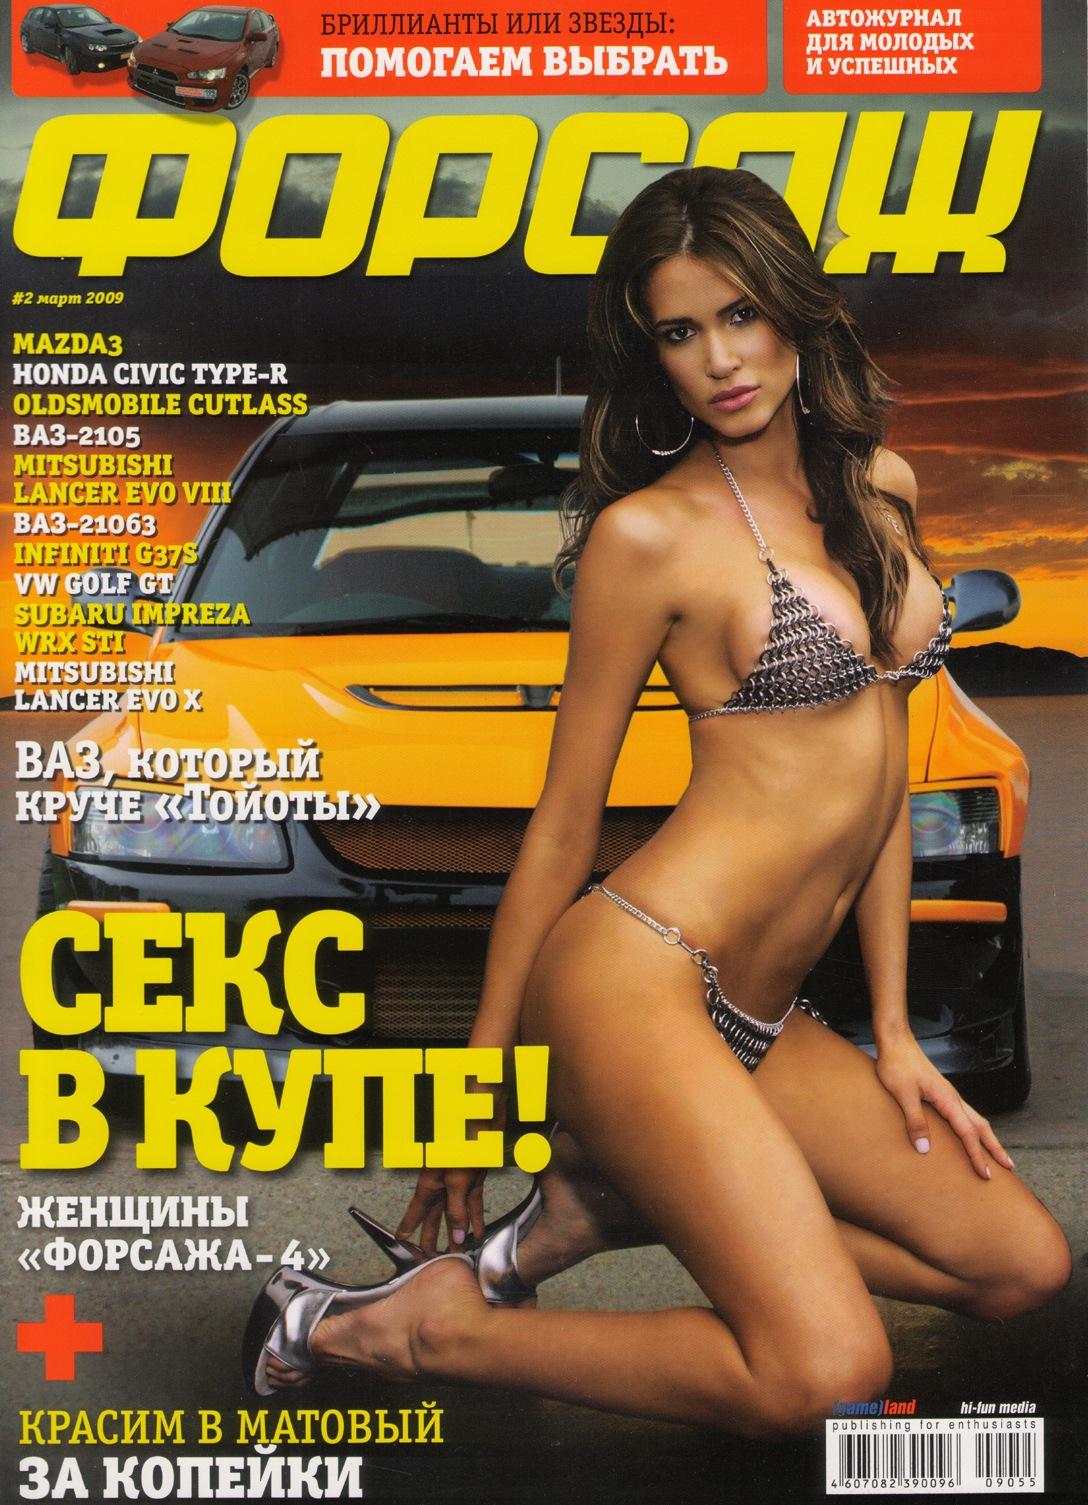 голые фото журнал-йж3